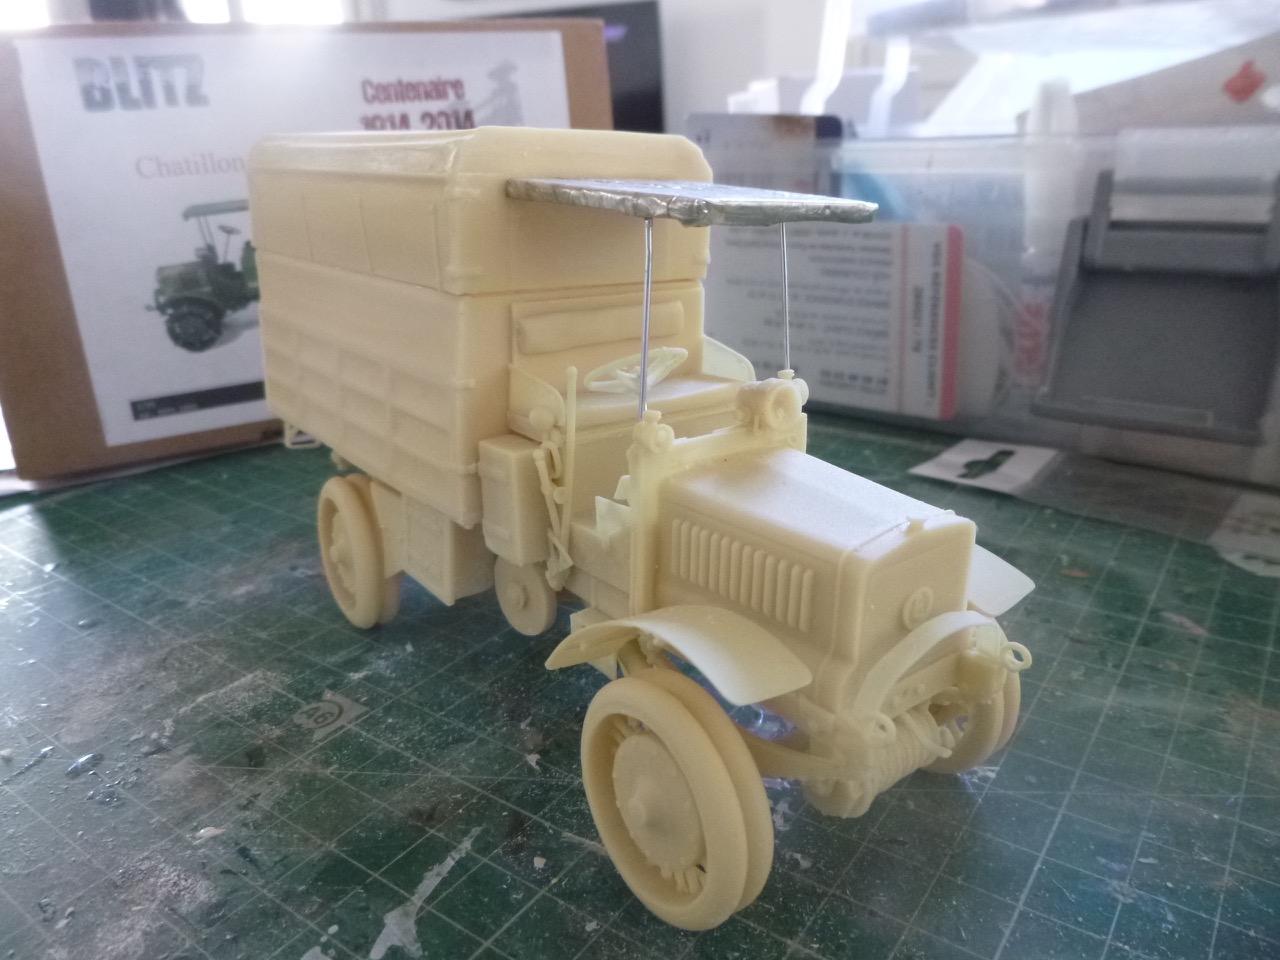 Camion Chatillon Panhard 1917 - résine de chez Blitz au 1/35 170327033025628272